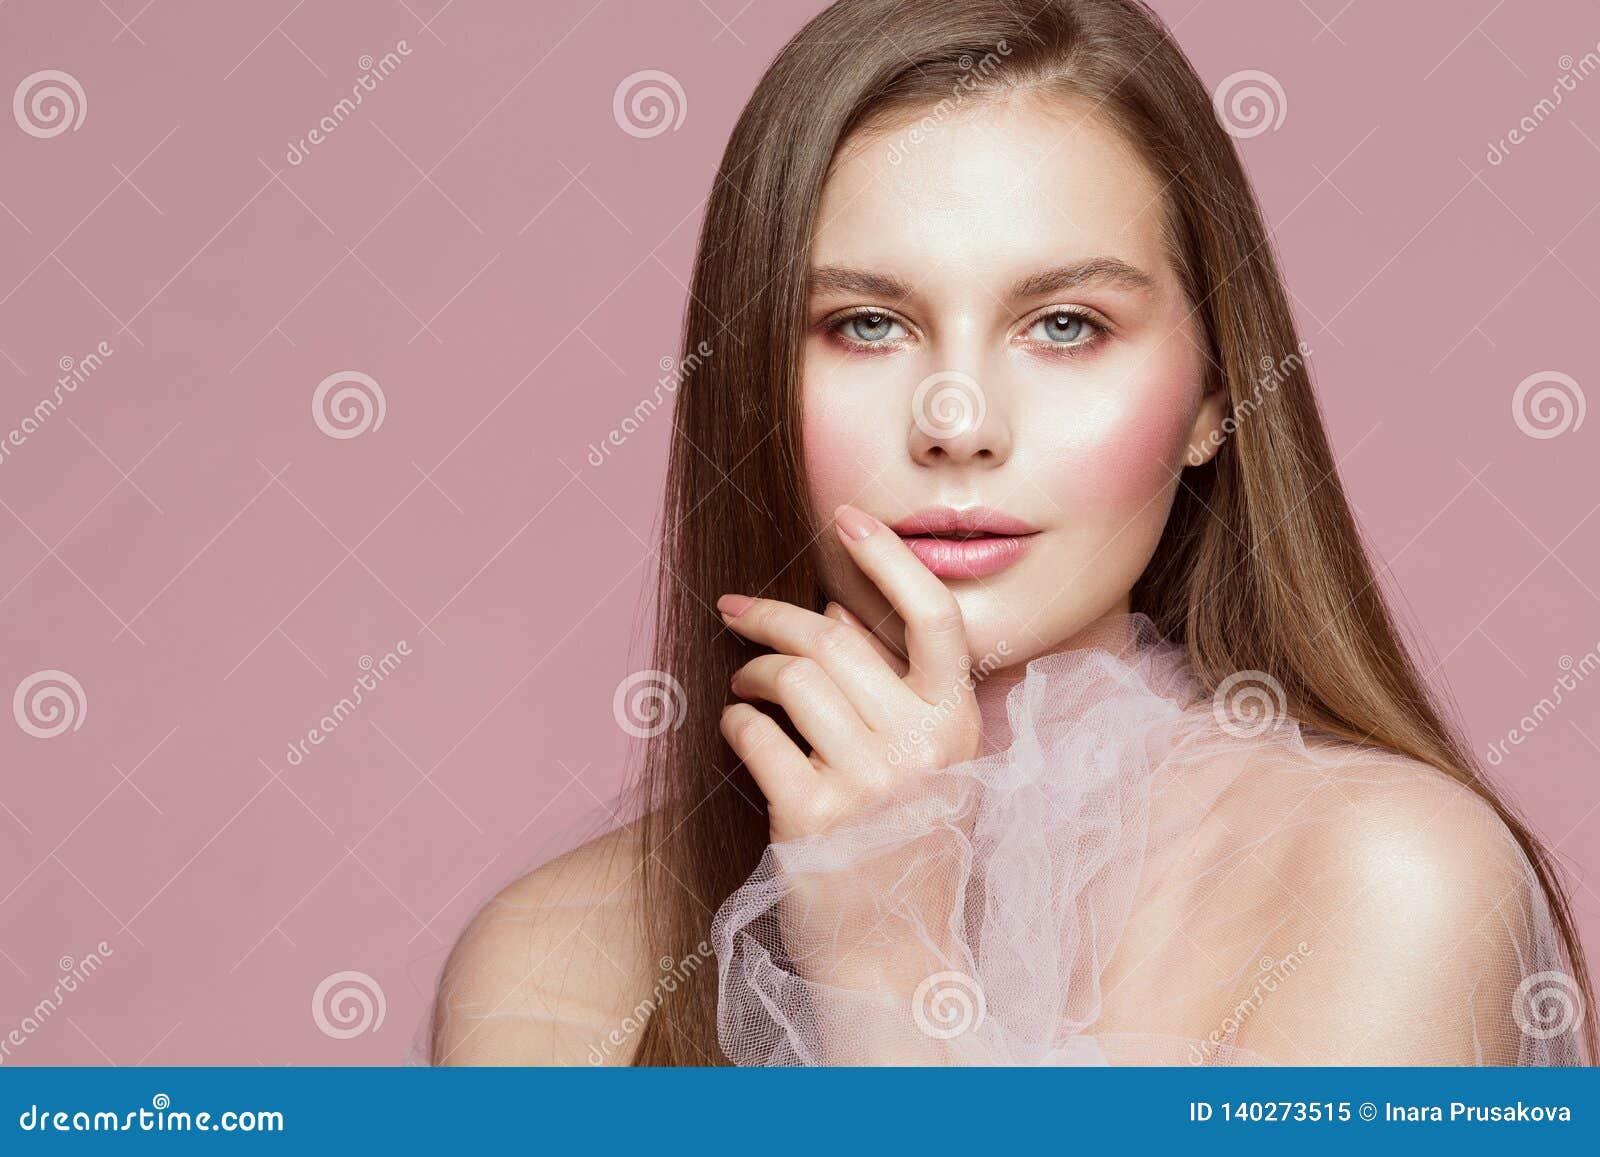 Retrato de la belleza de la mujer, Touching Face Lips modelo, maquillaje hermoso de la muchacha y clavos